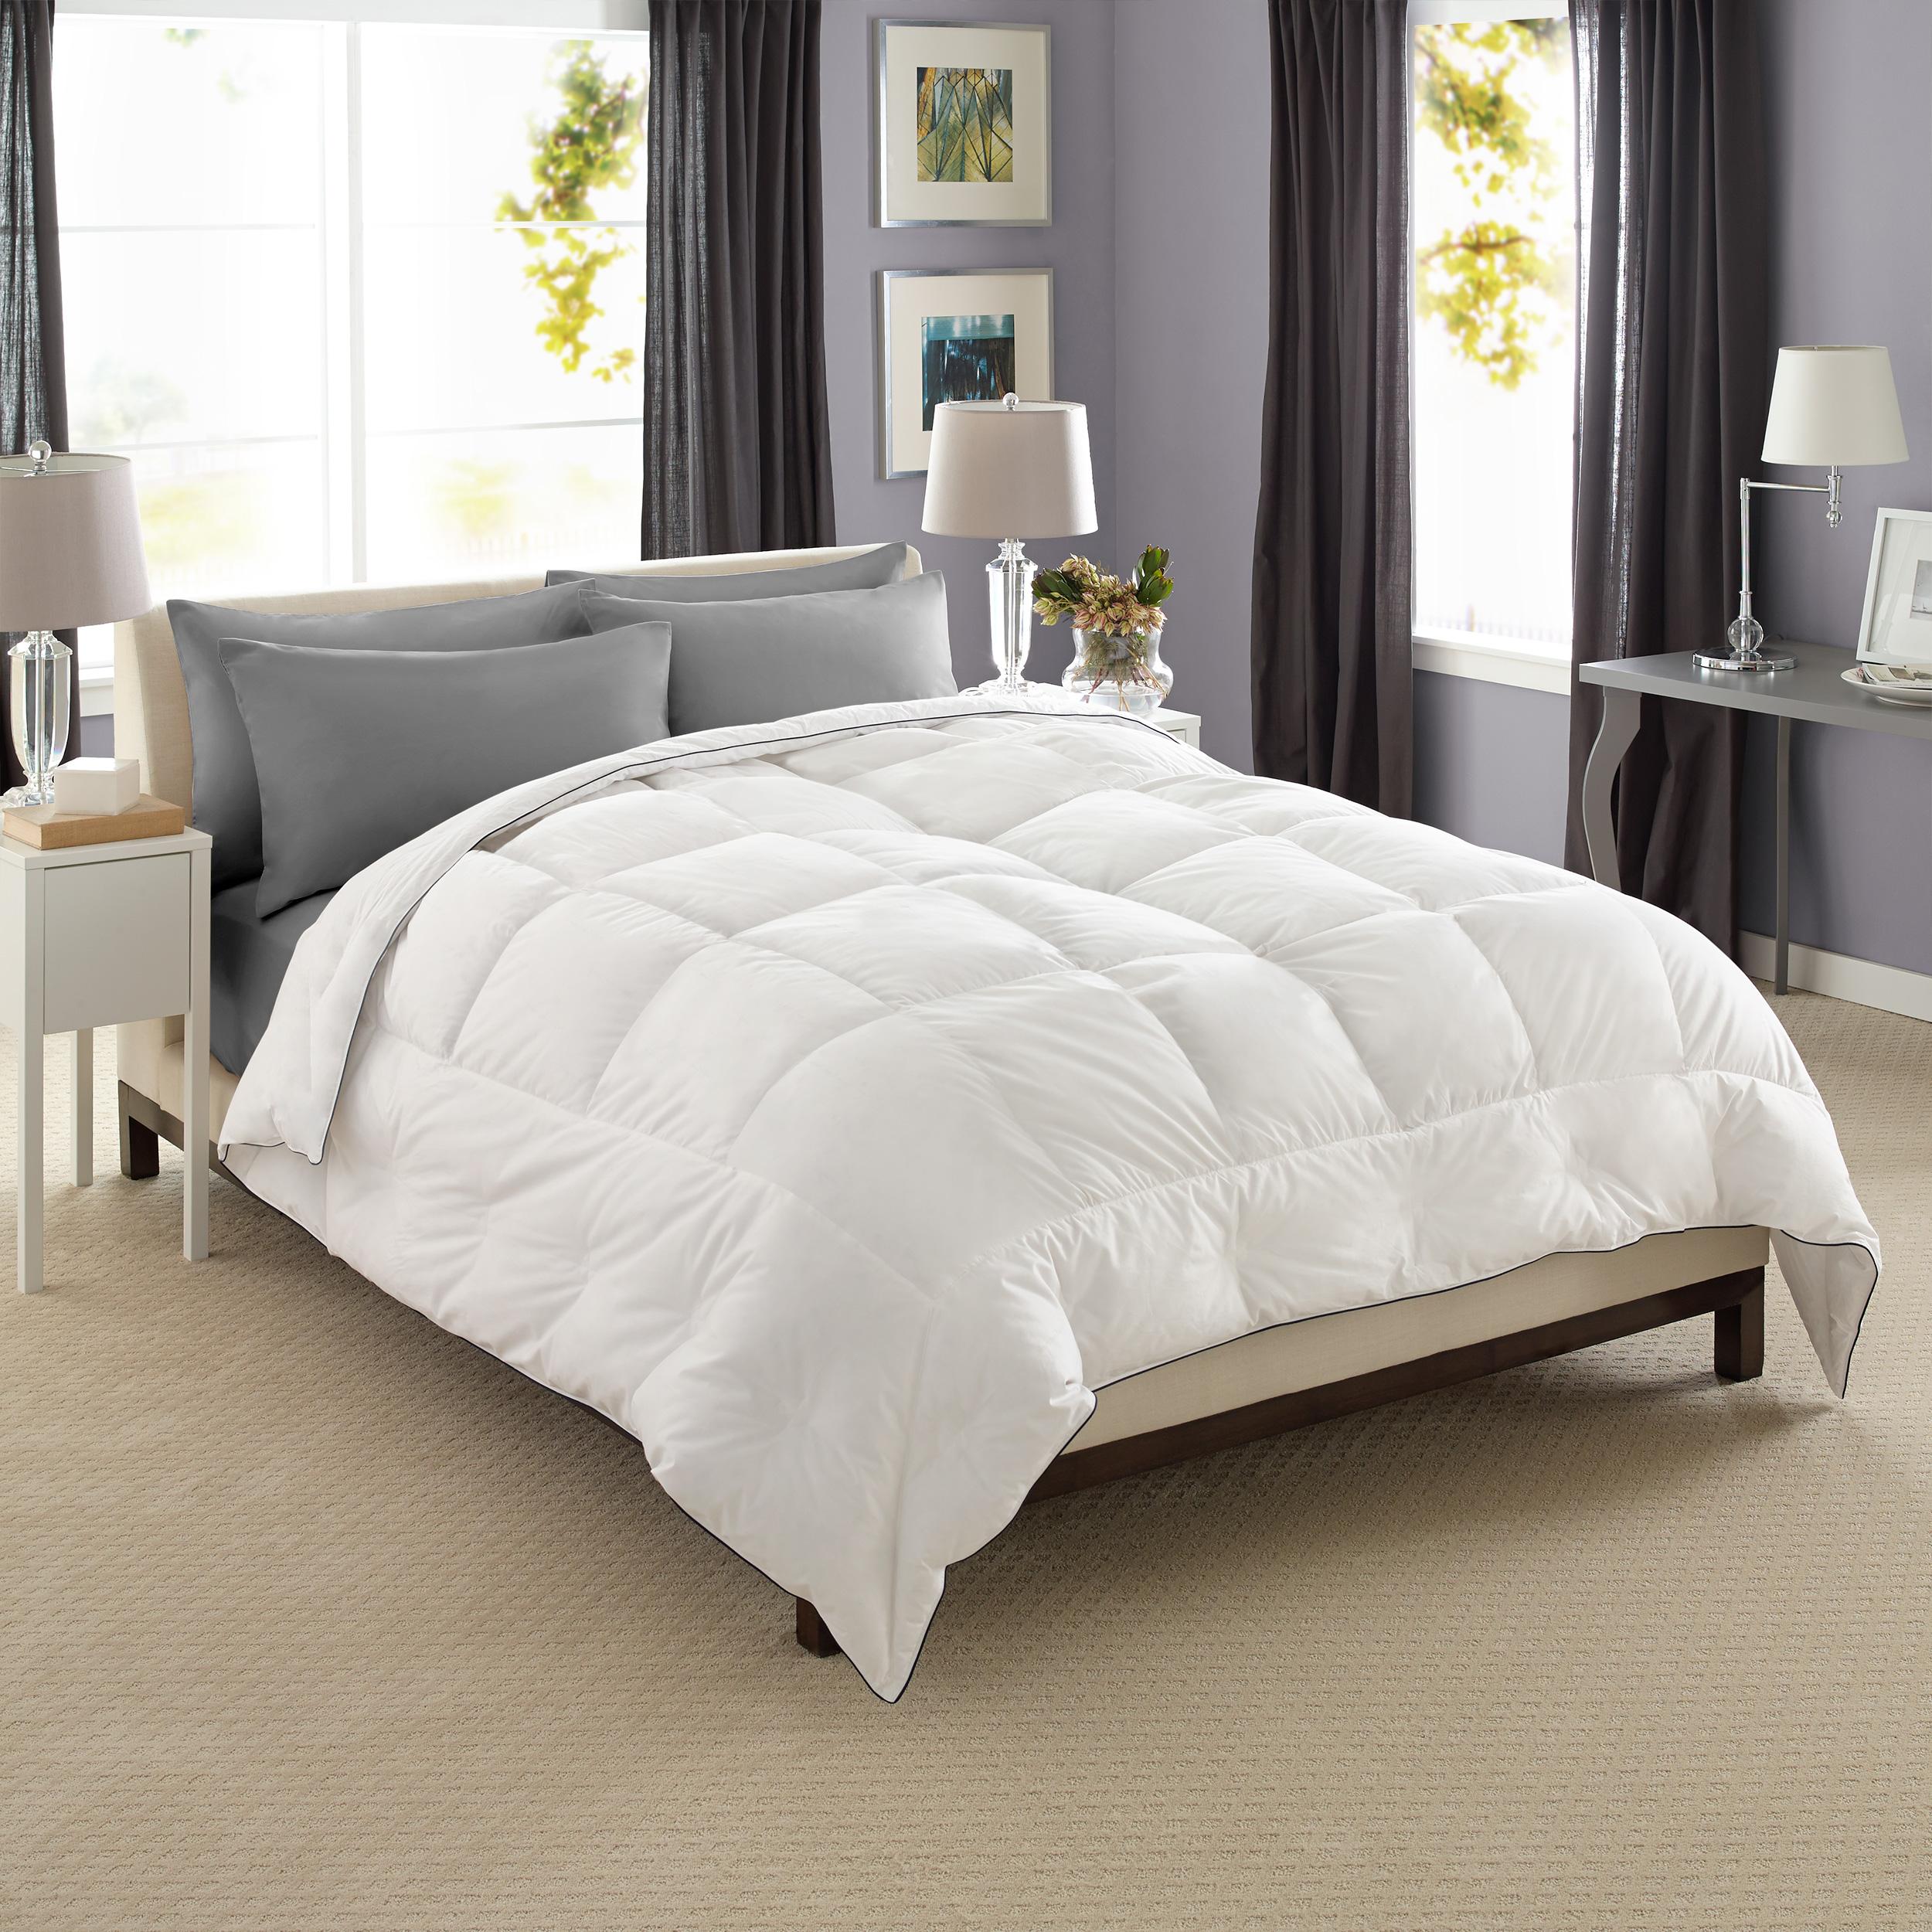 Shop Embrace Down Comforter